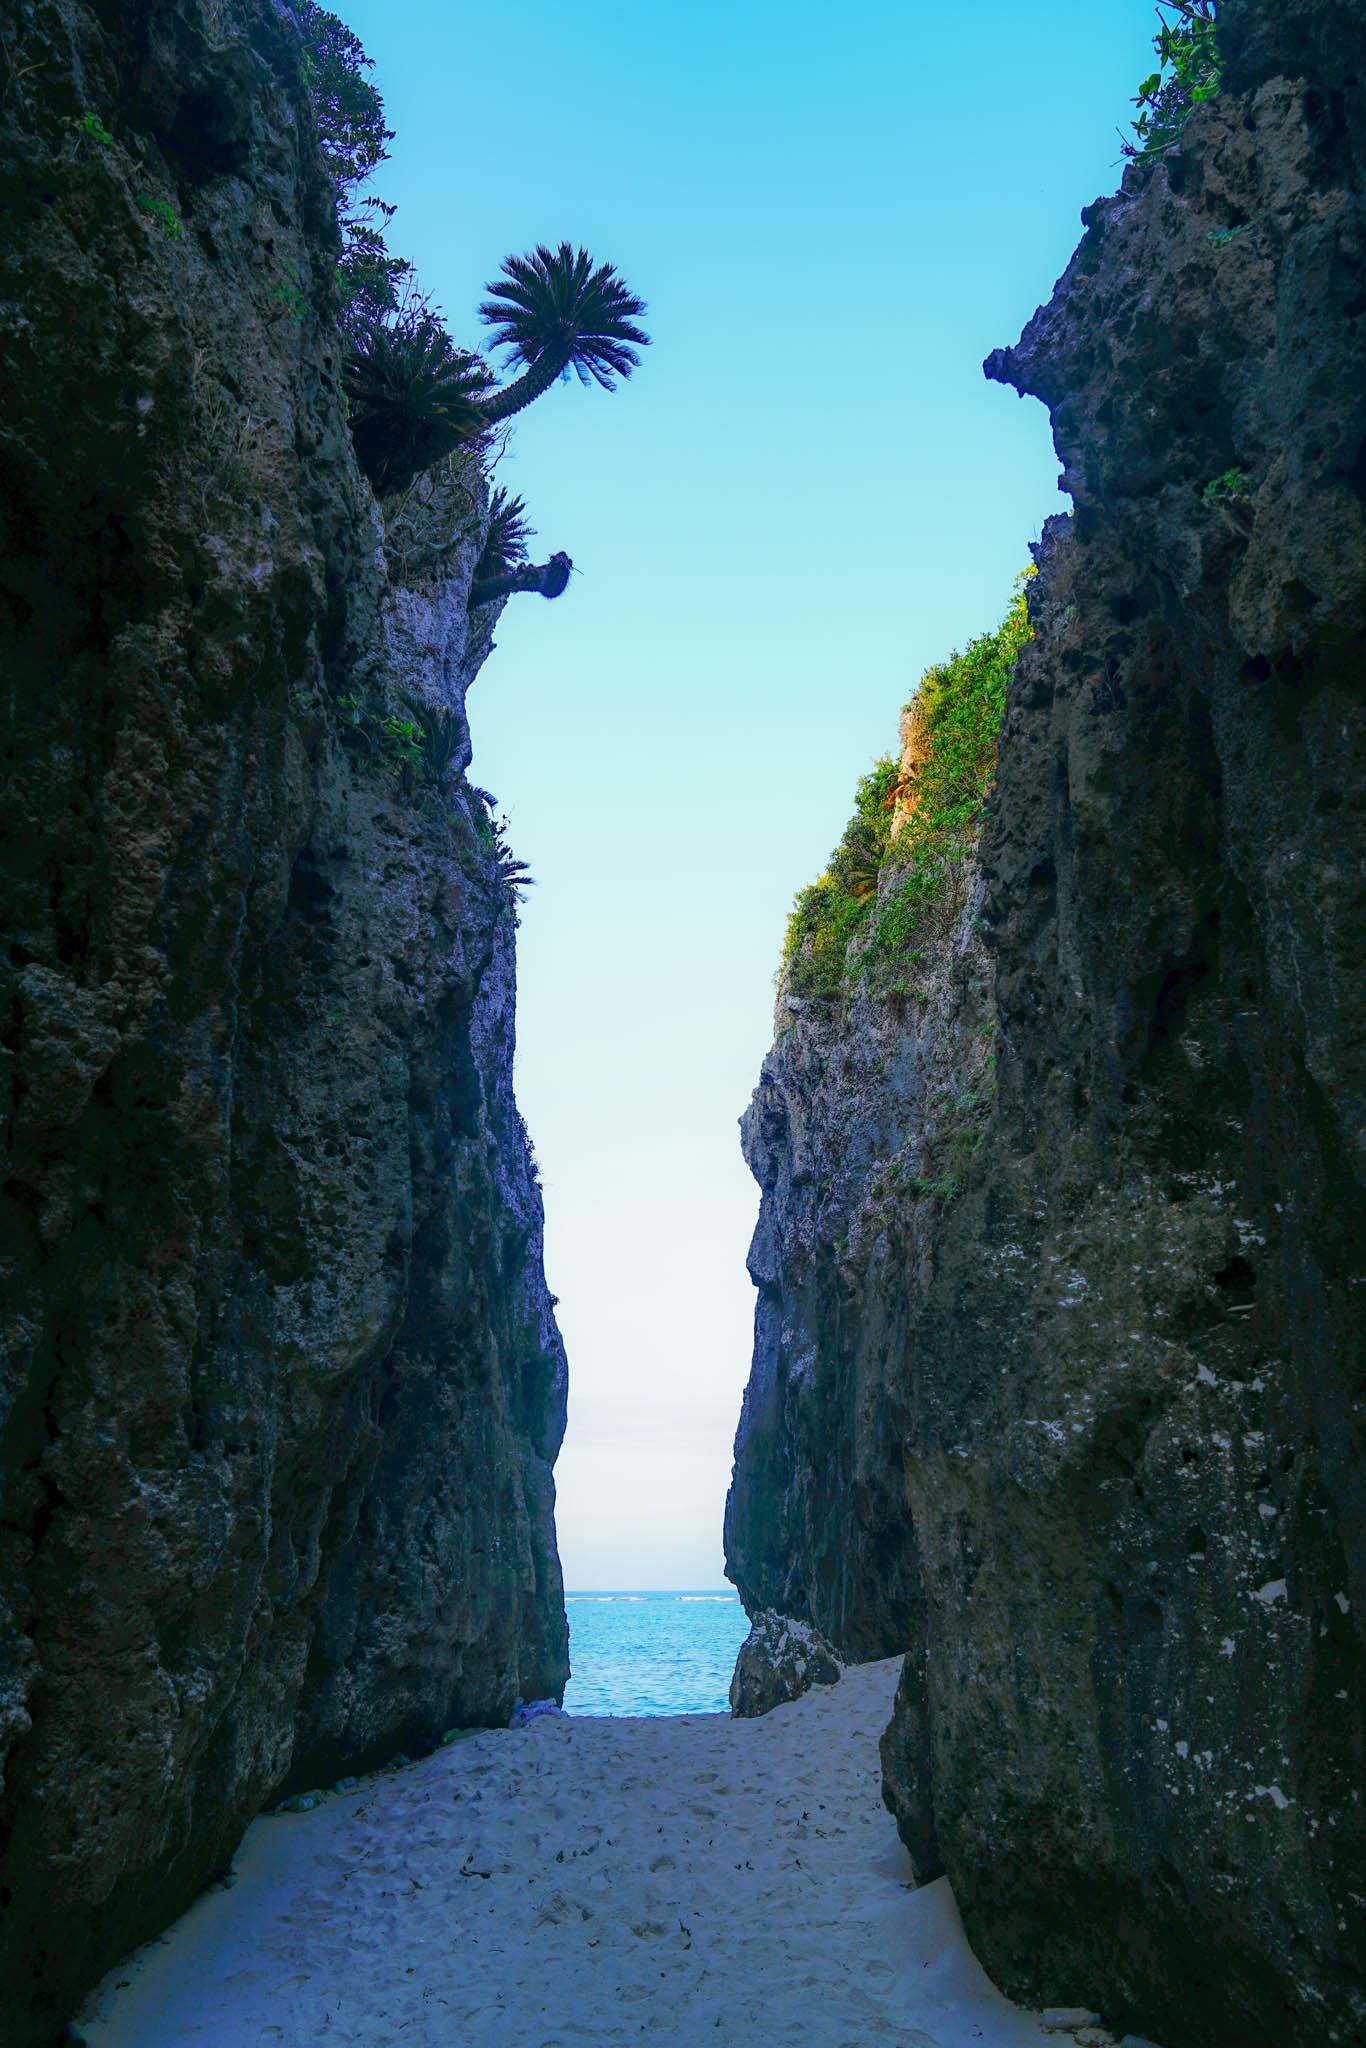 沖縄・恩納村 / Day2 / 万座毛 → 備瀬のフクギ並木 → 備瀬のワルミ→ しまぶた屋